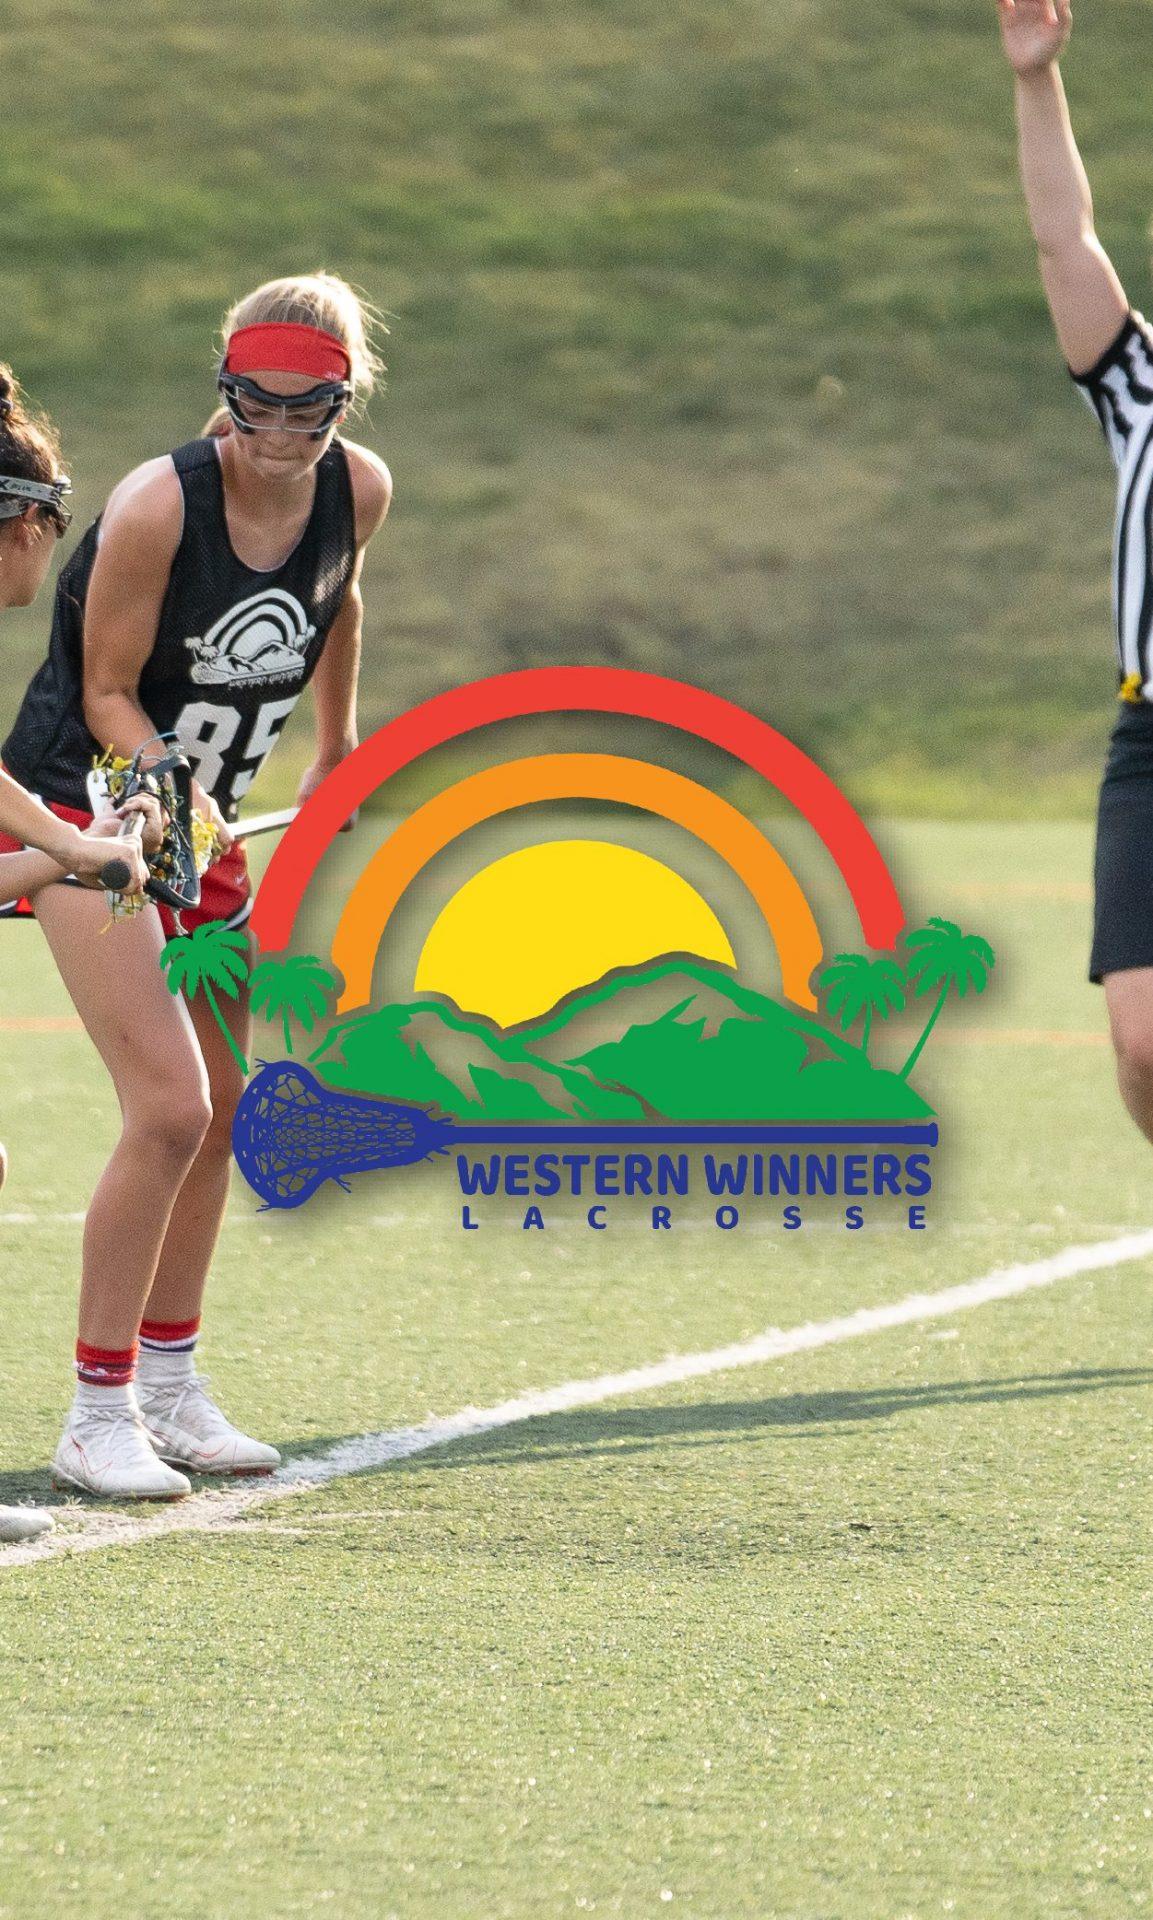 Winter Western Winners Featured